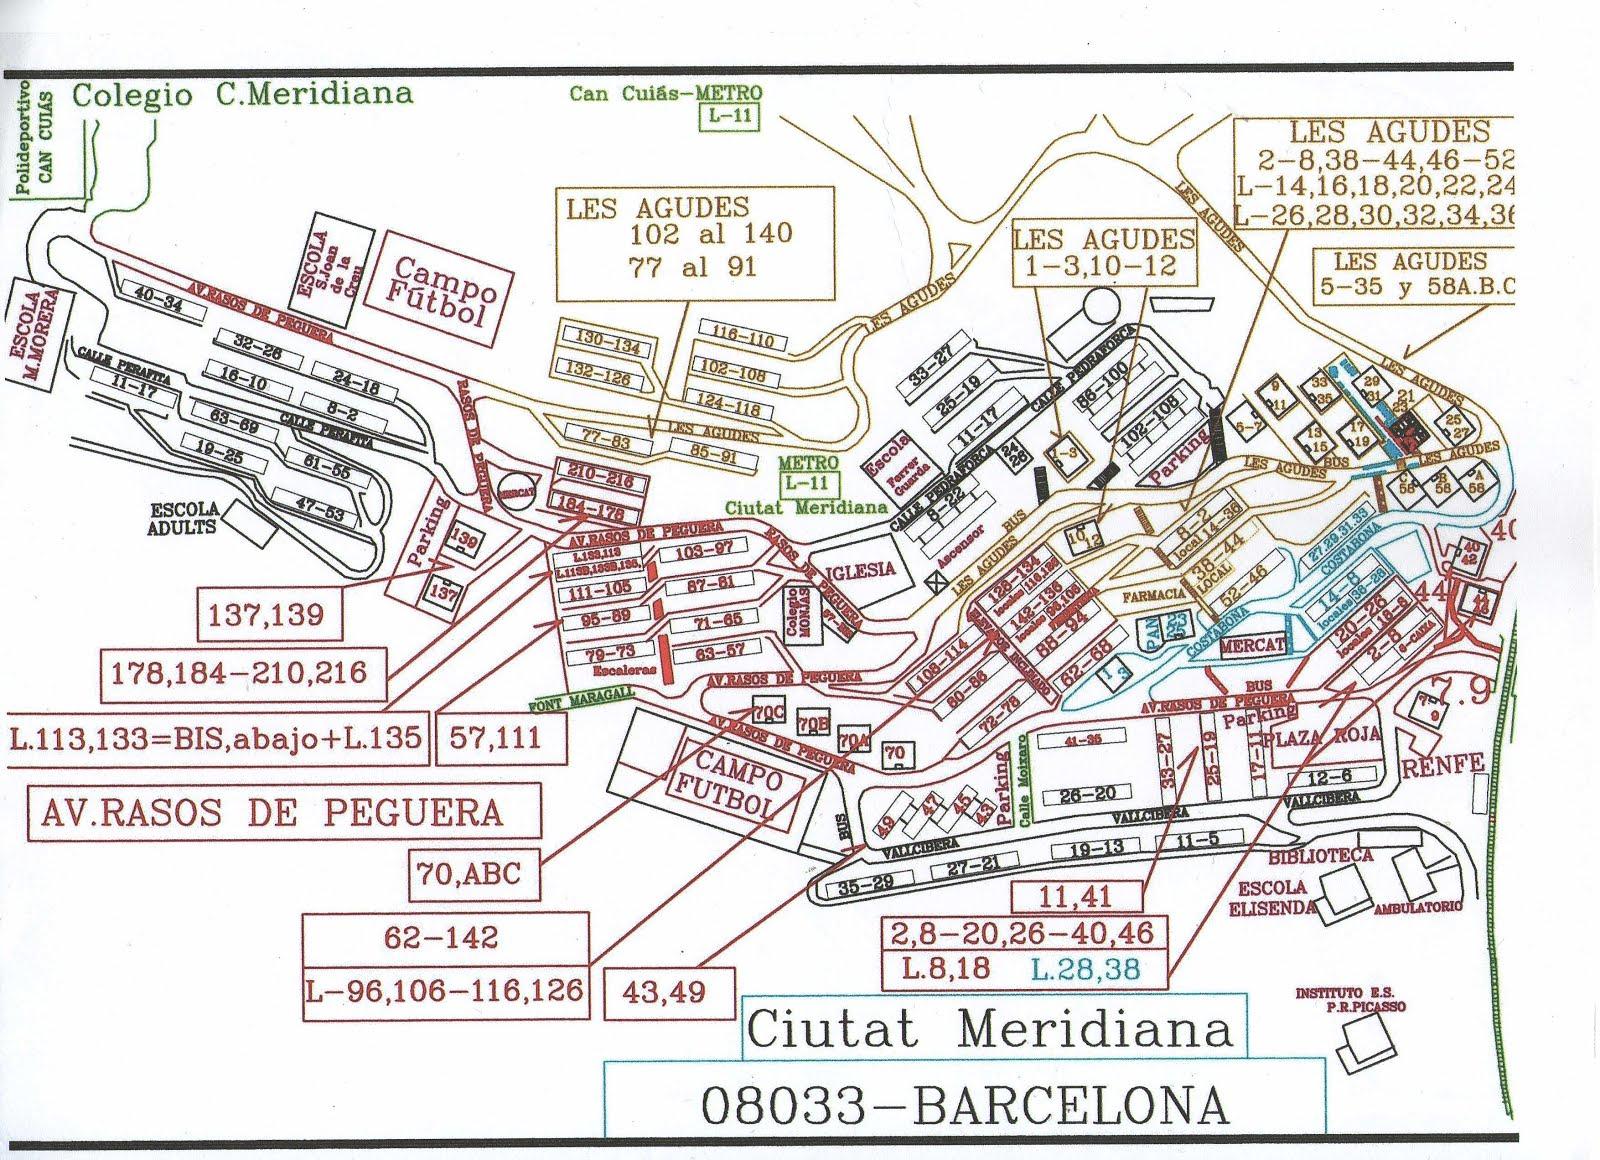 Ciutat Meridiana